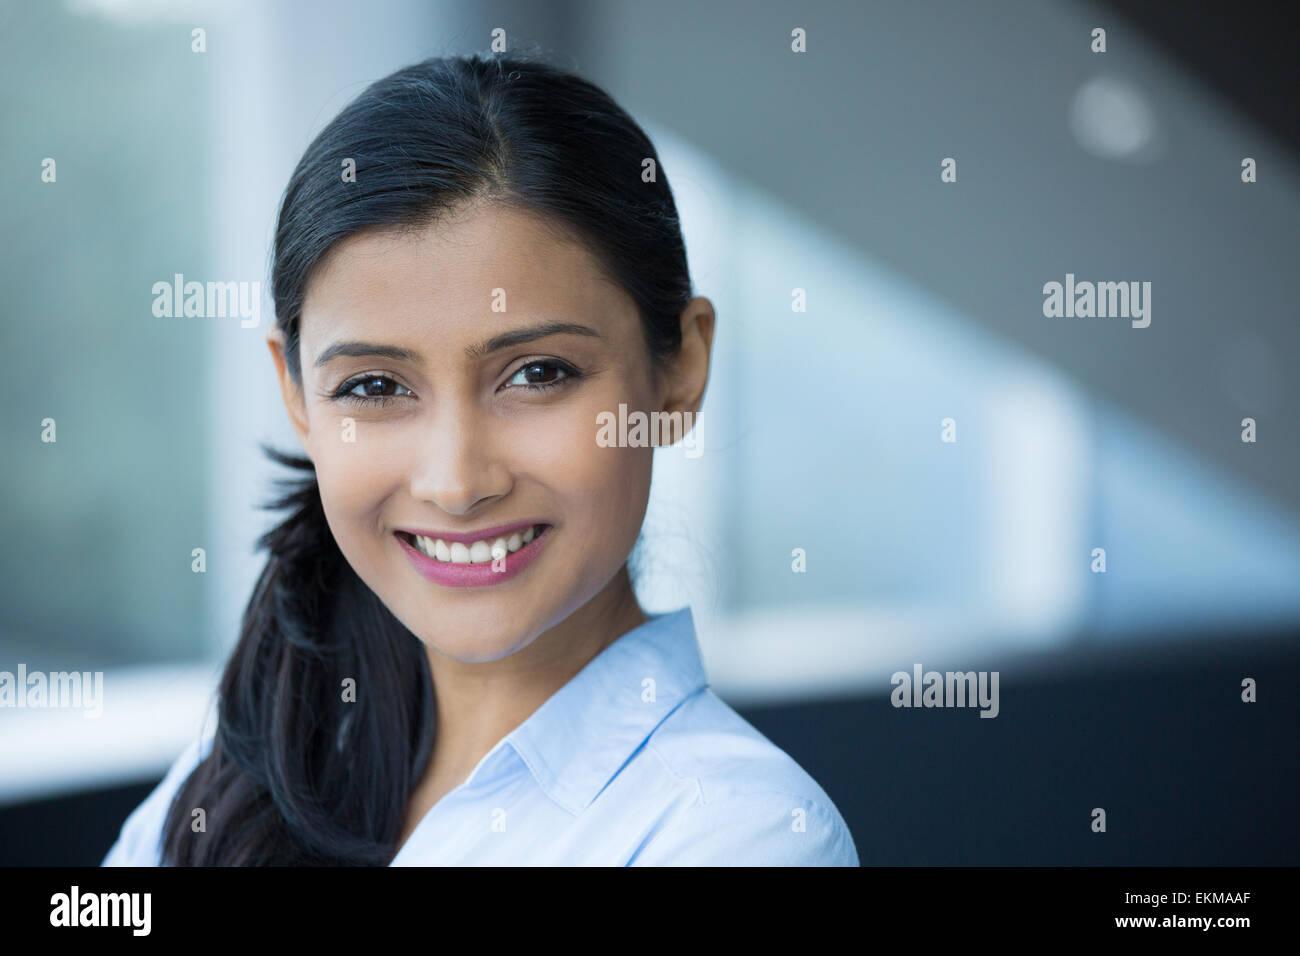 Closeup Portrait, junge professionelle, schöne selbstbewusste Frau im blauen Hemd, freundliche Persönlichkeit, Stockbild